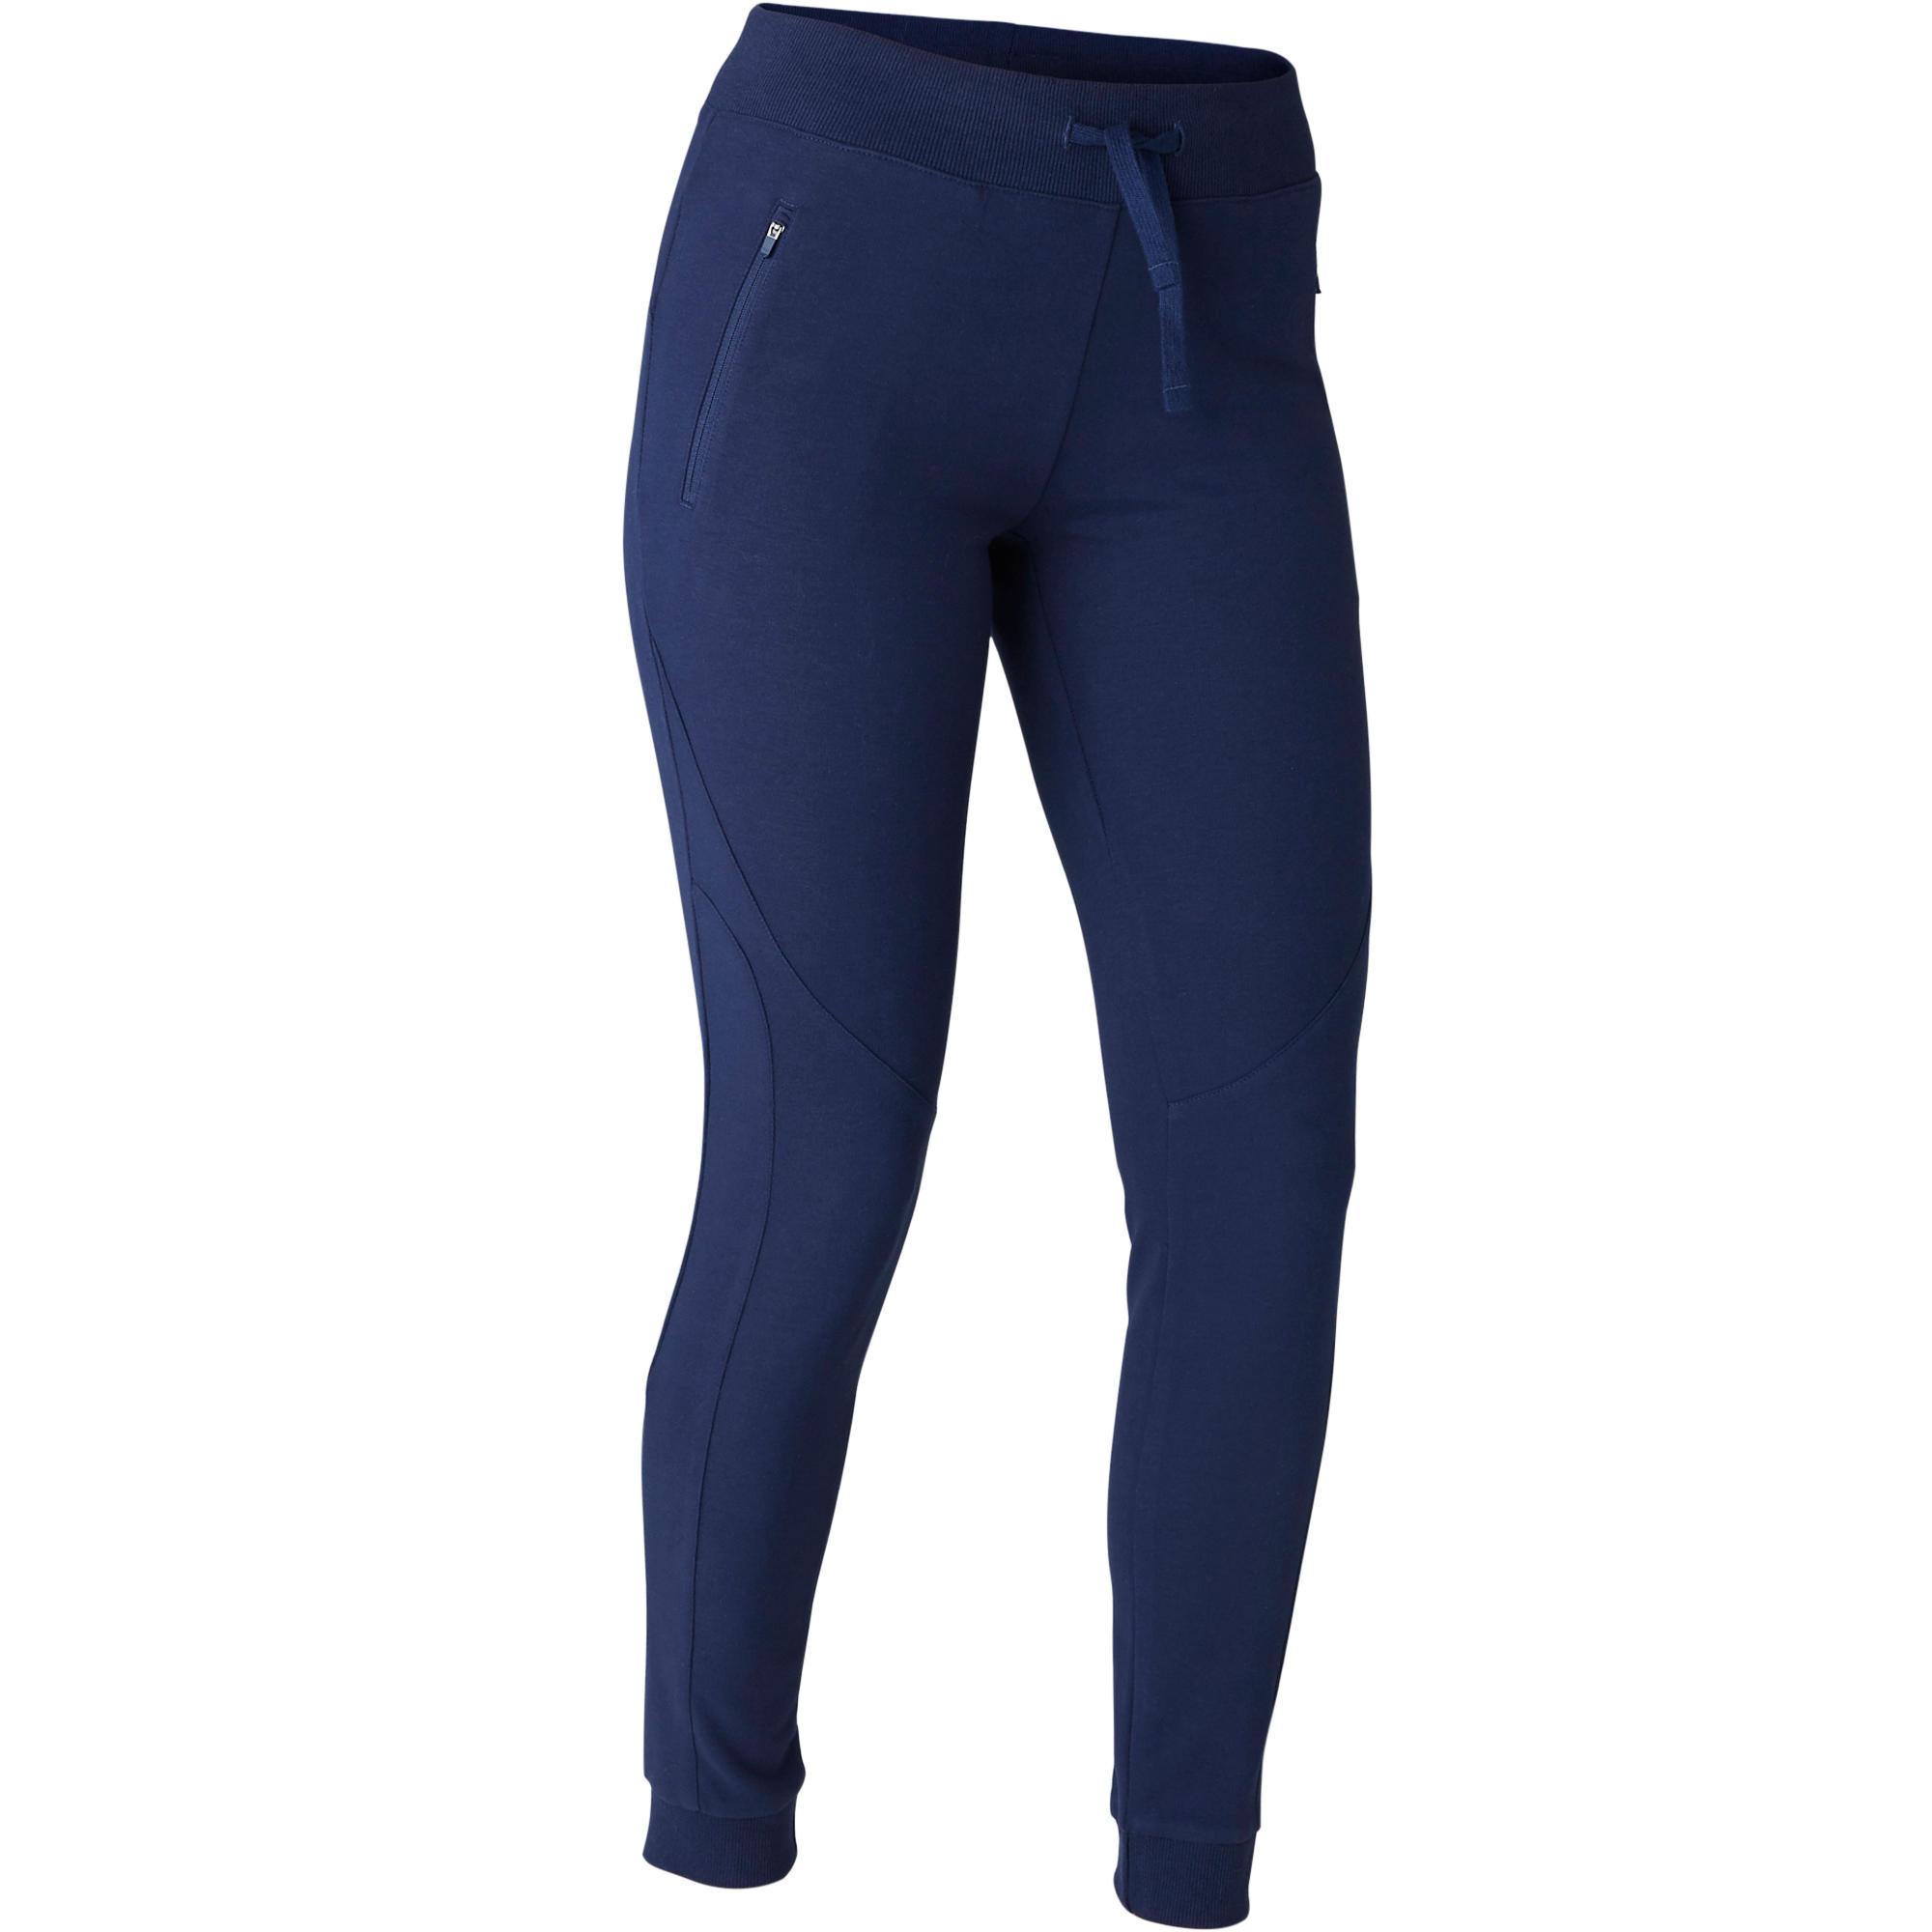 vanguardia de los tiempos más cerca de cupón de descuento Comprar Pantalones de Mujer Deportivos online | Decathlon